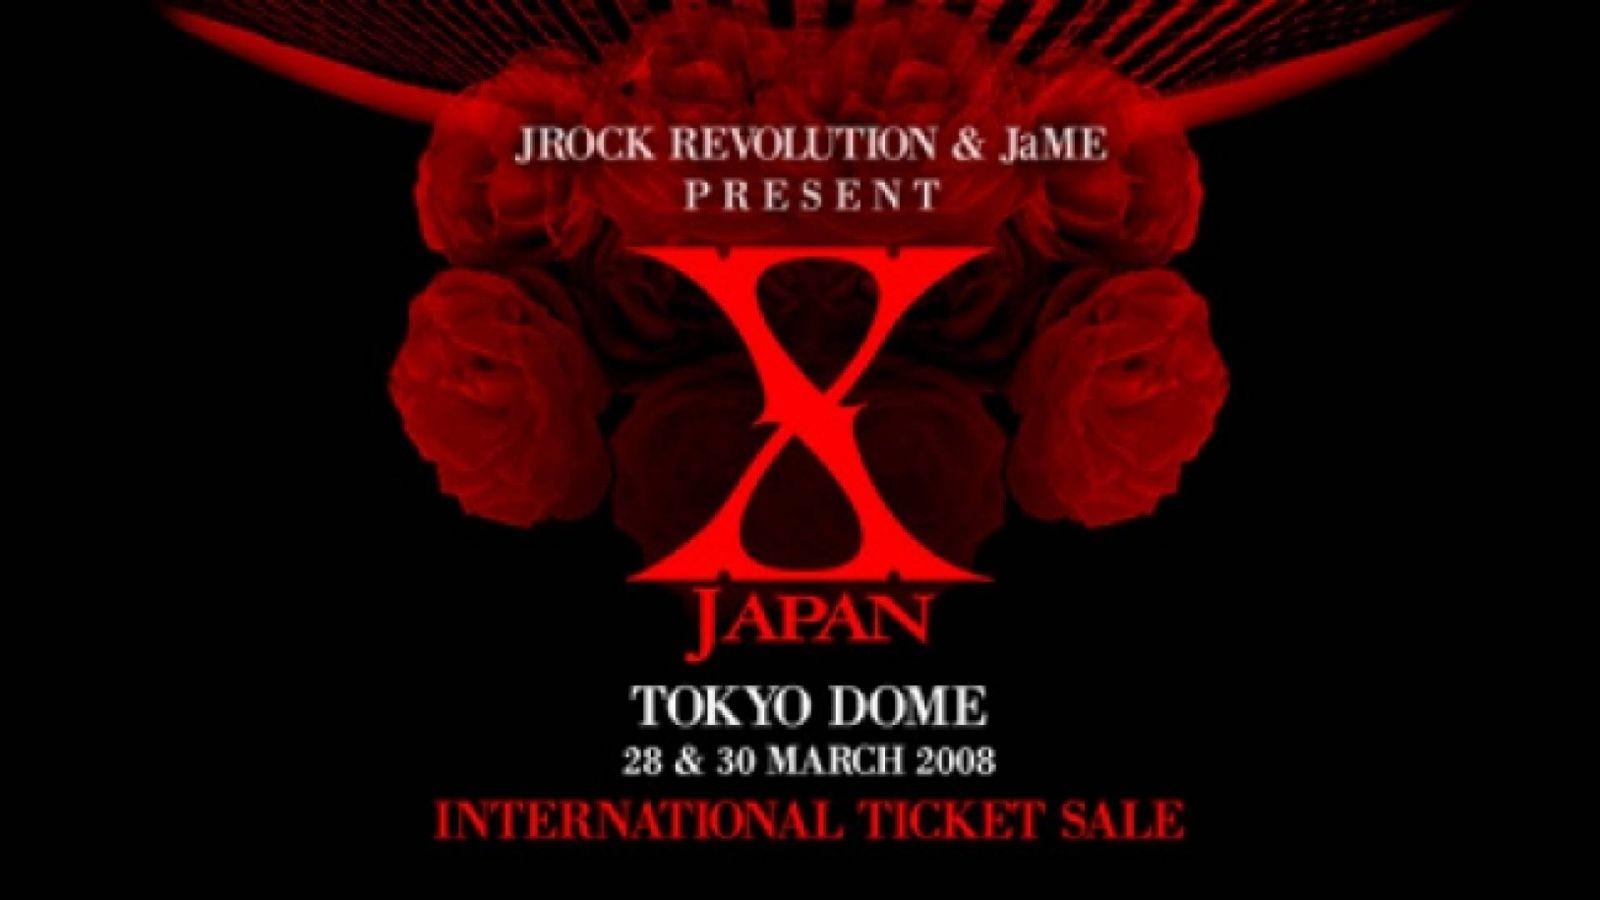 Międzynarodowa sprzedaż biletów na X JAPAN © X JAPAN, Jrock Revolution, JaME, EINSOF Marketing Group